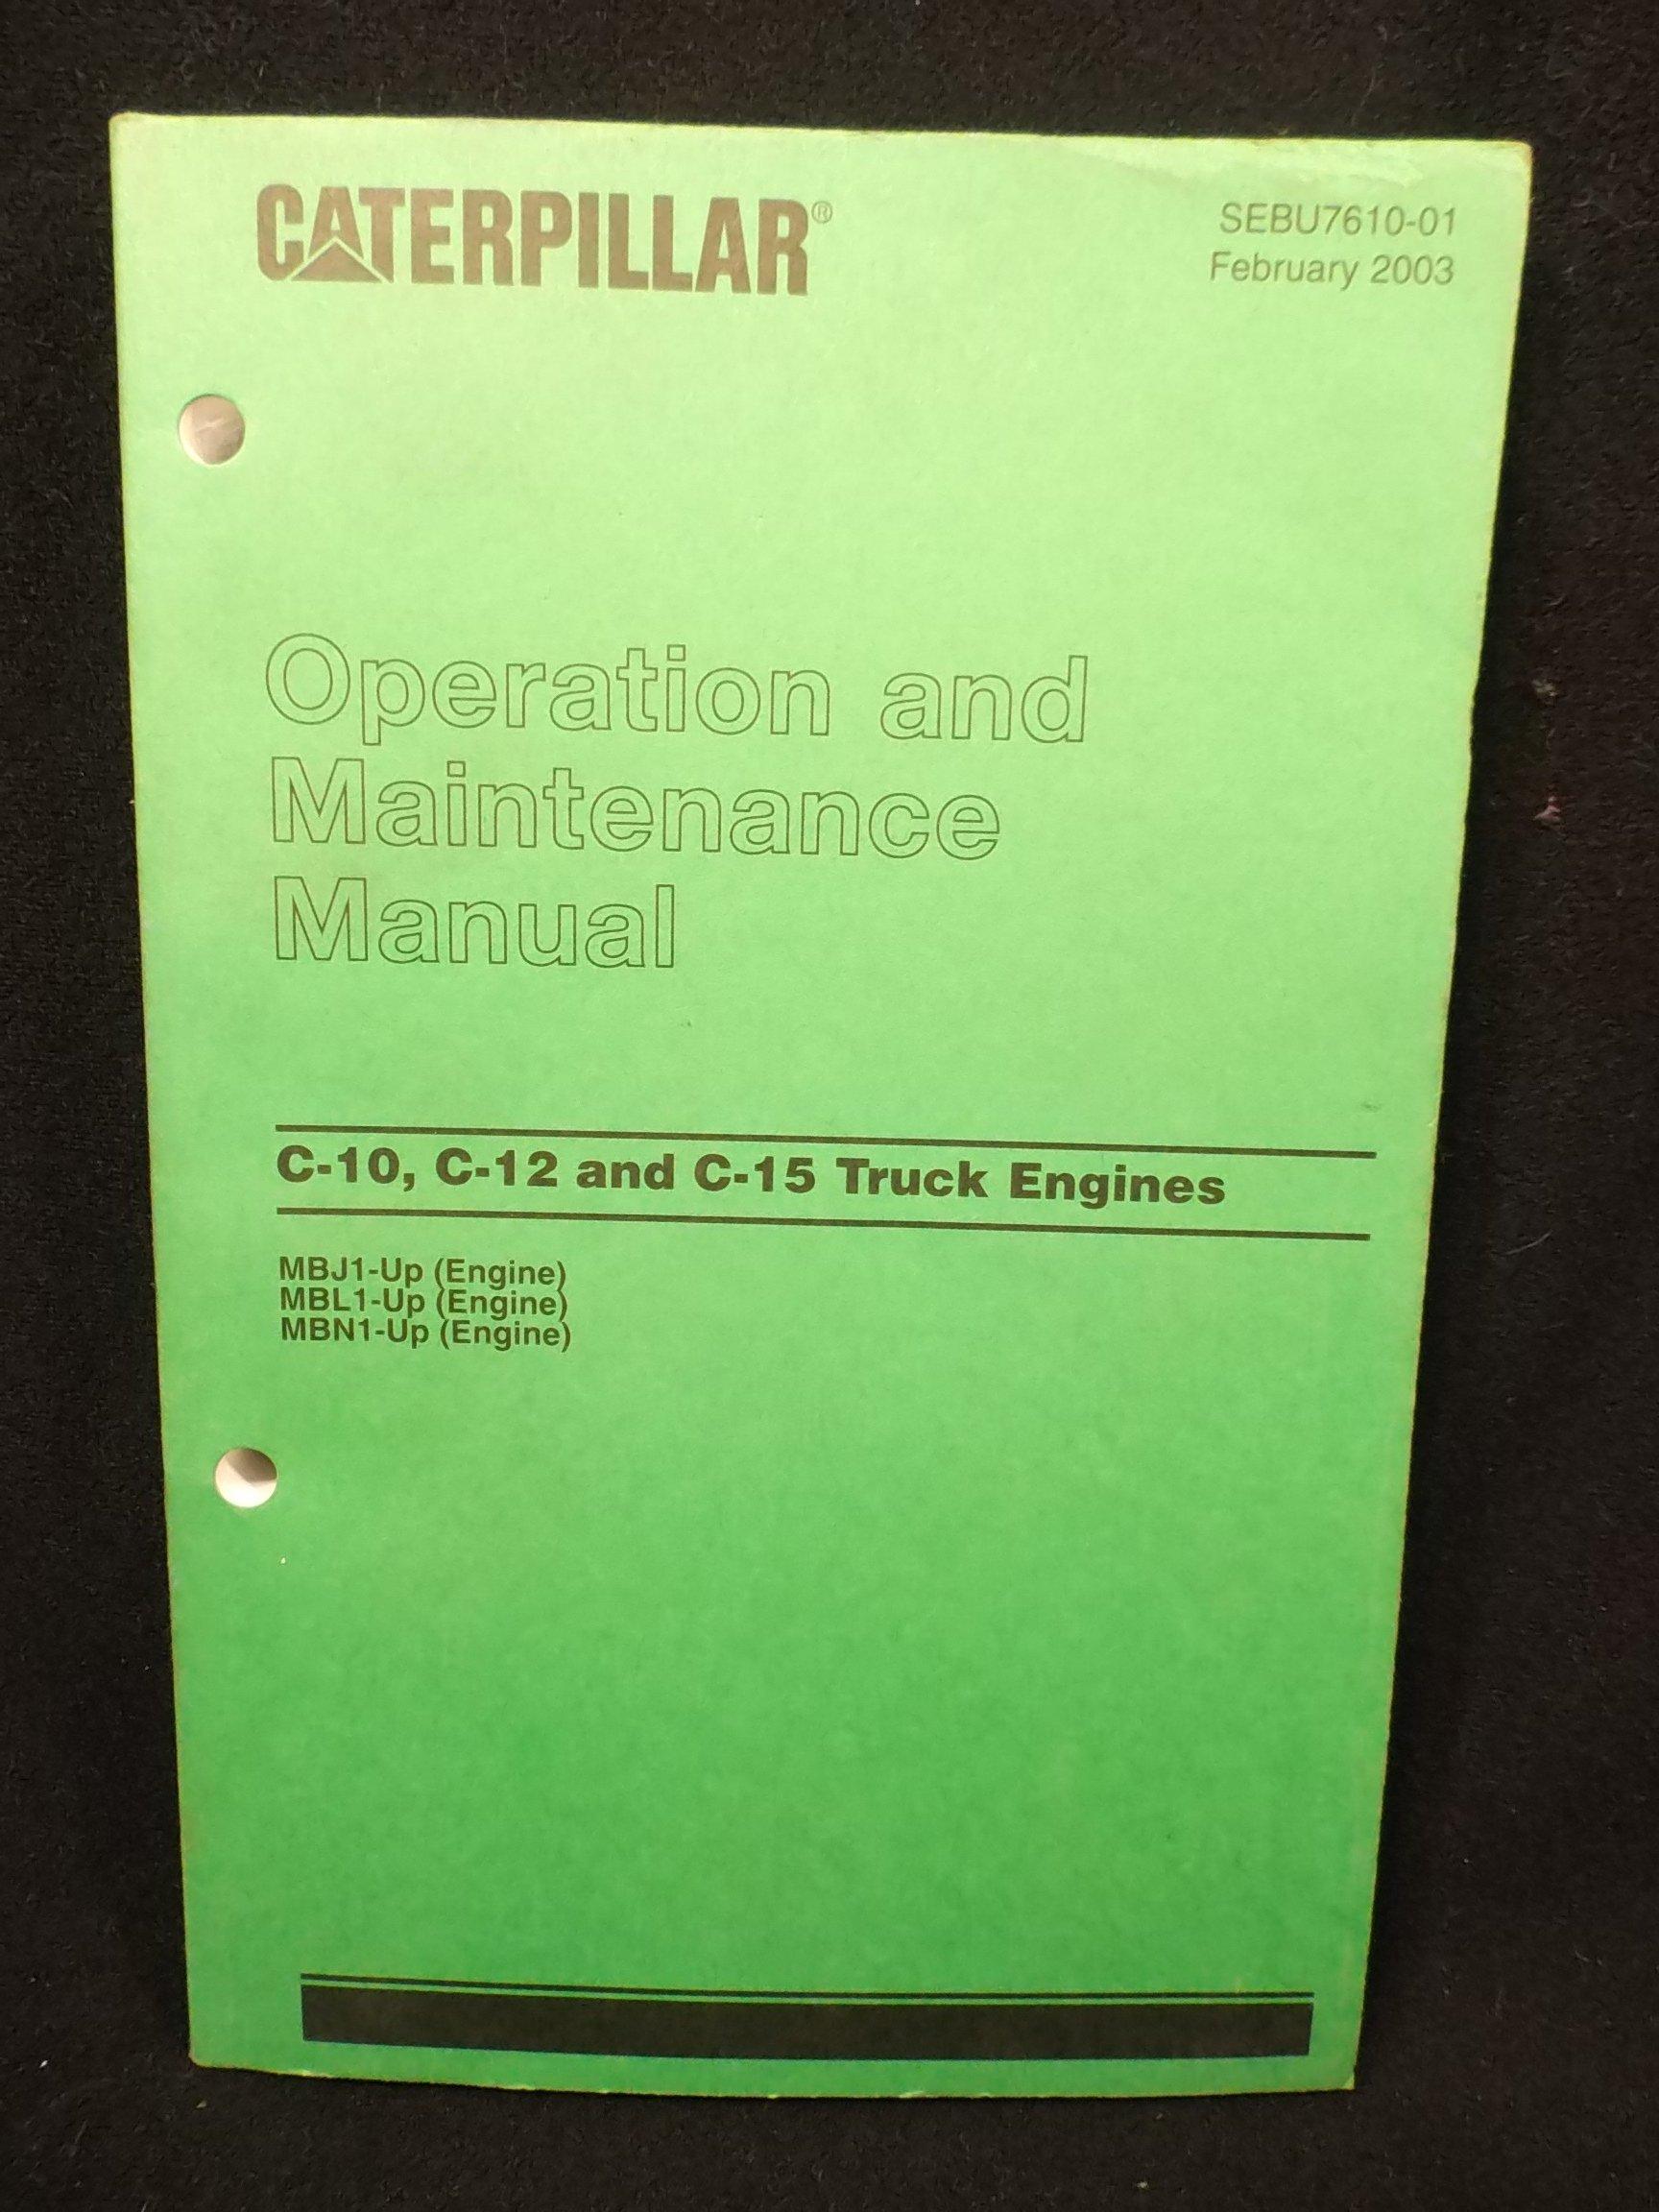 Kfx450r Wiring Diagram Moreover Arctic Cat Atv Parts Manual On Suzuki